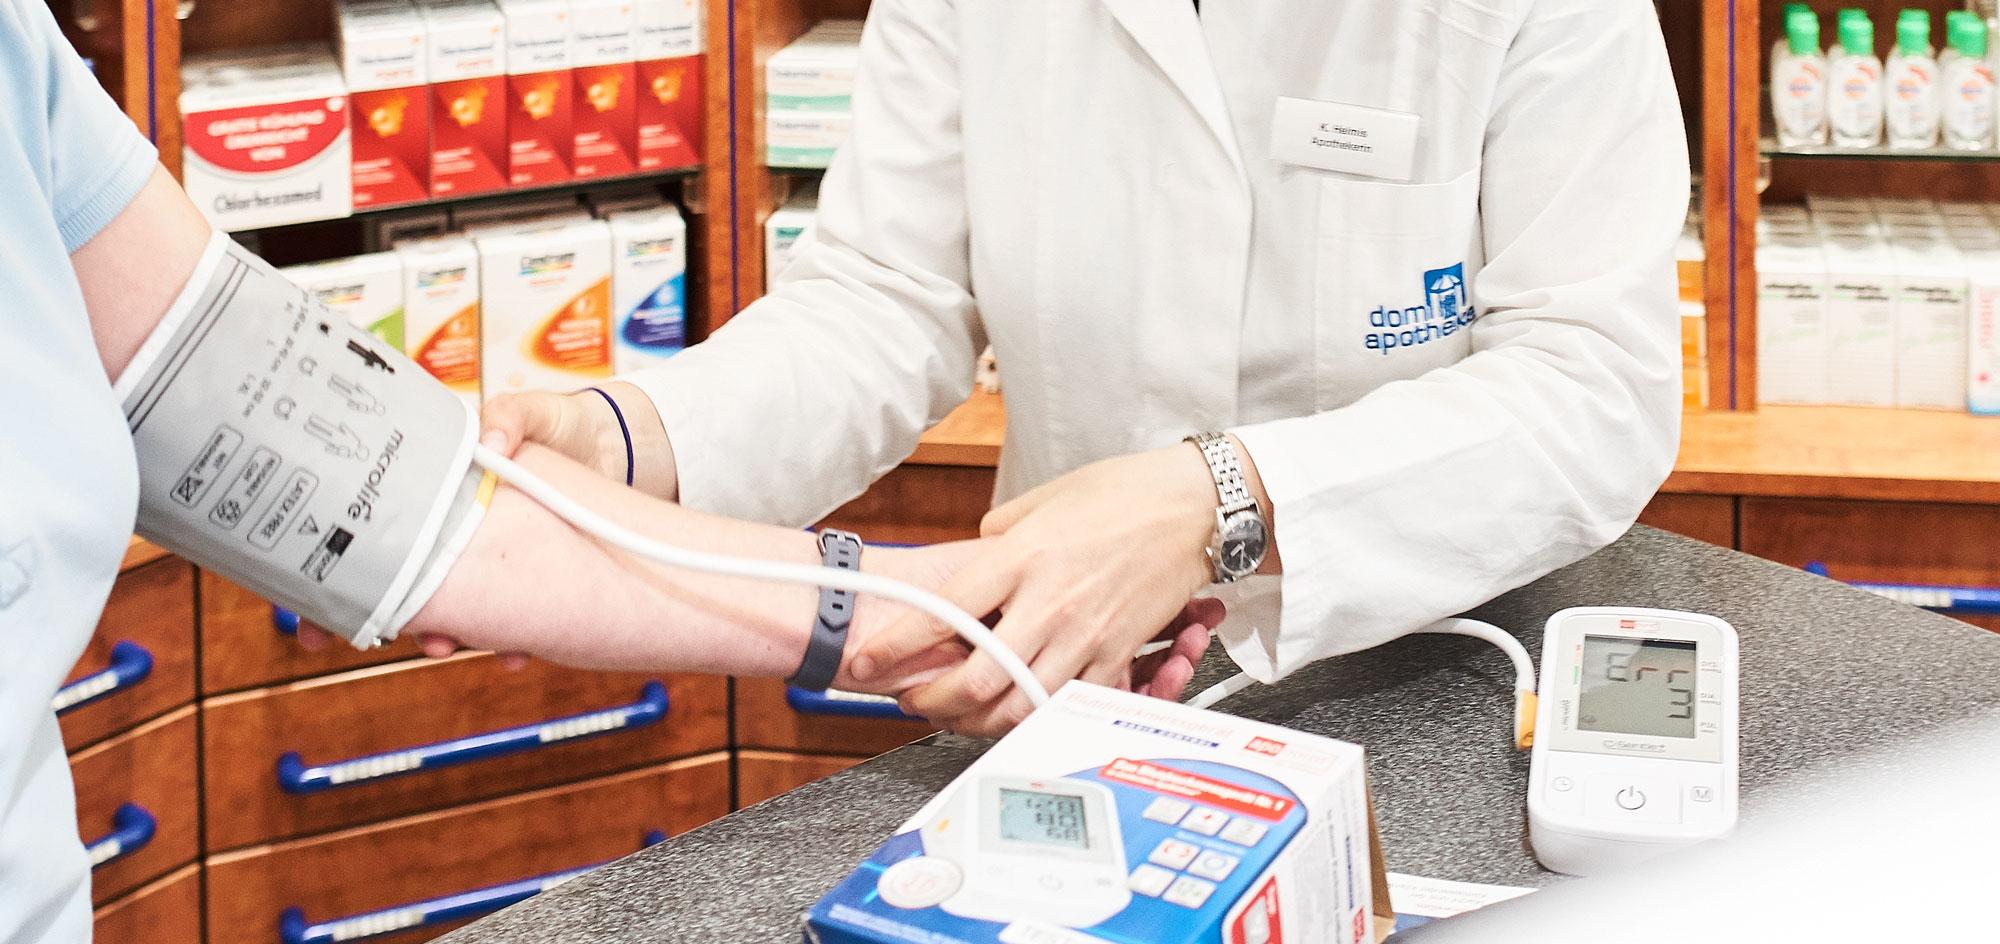 Beratung und Blutdruck messen in der Dom-Apotheke, Essen